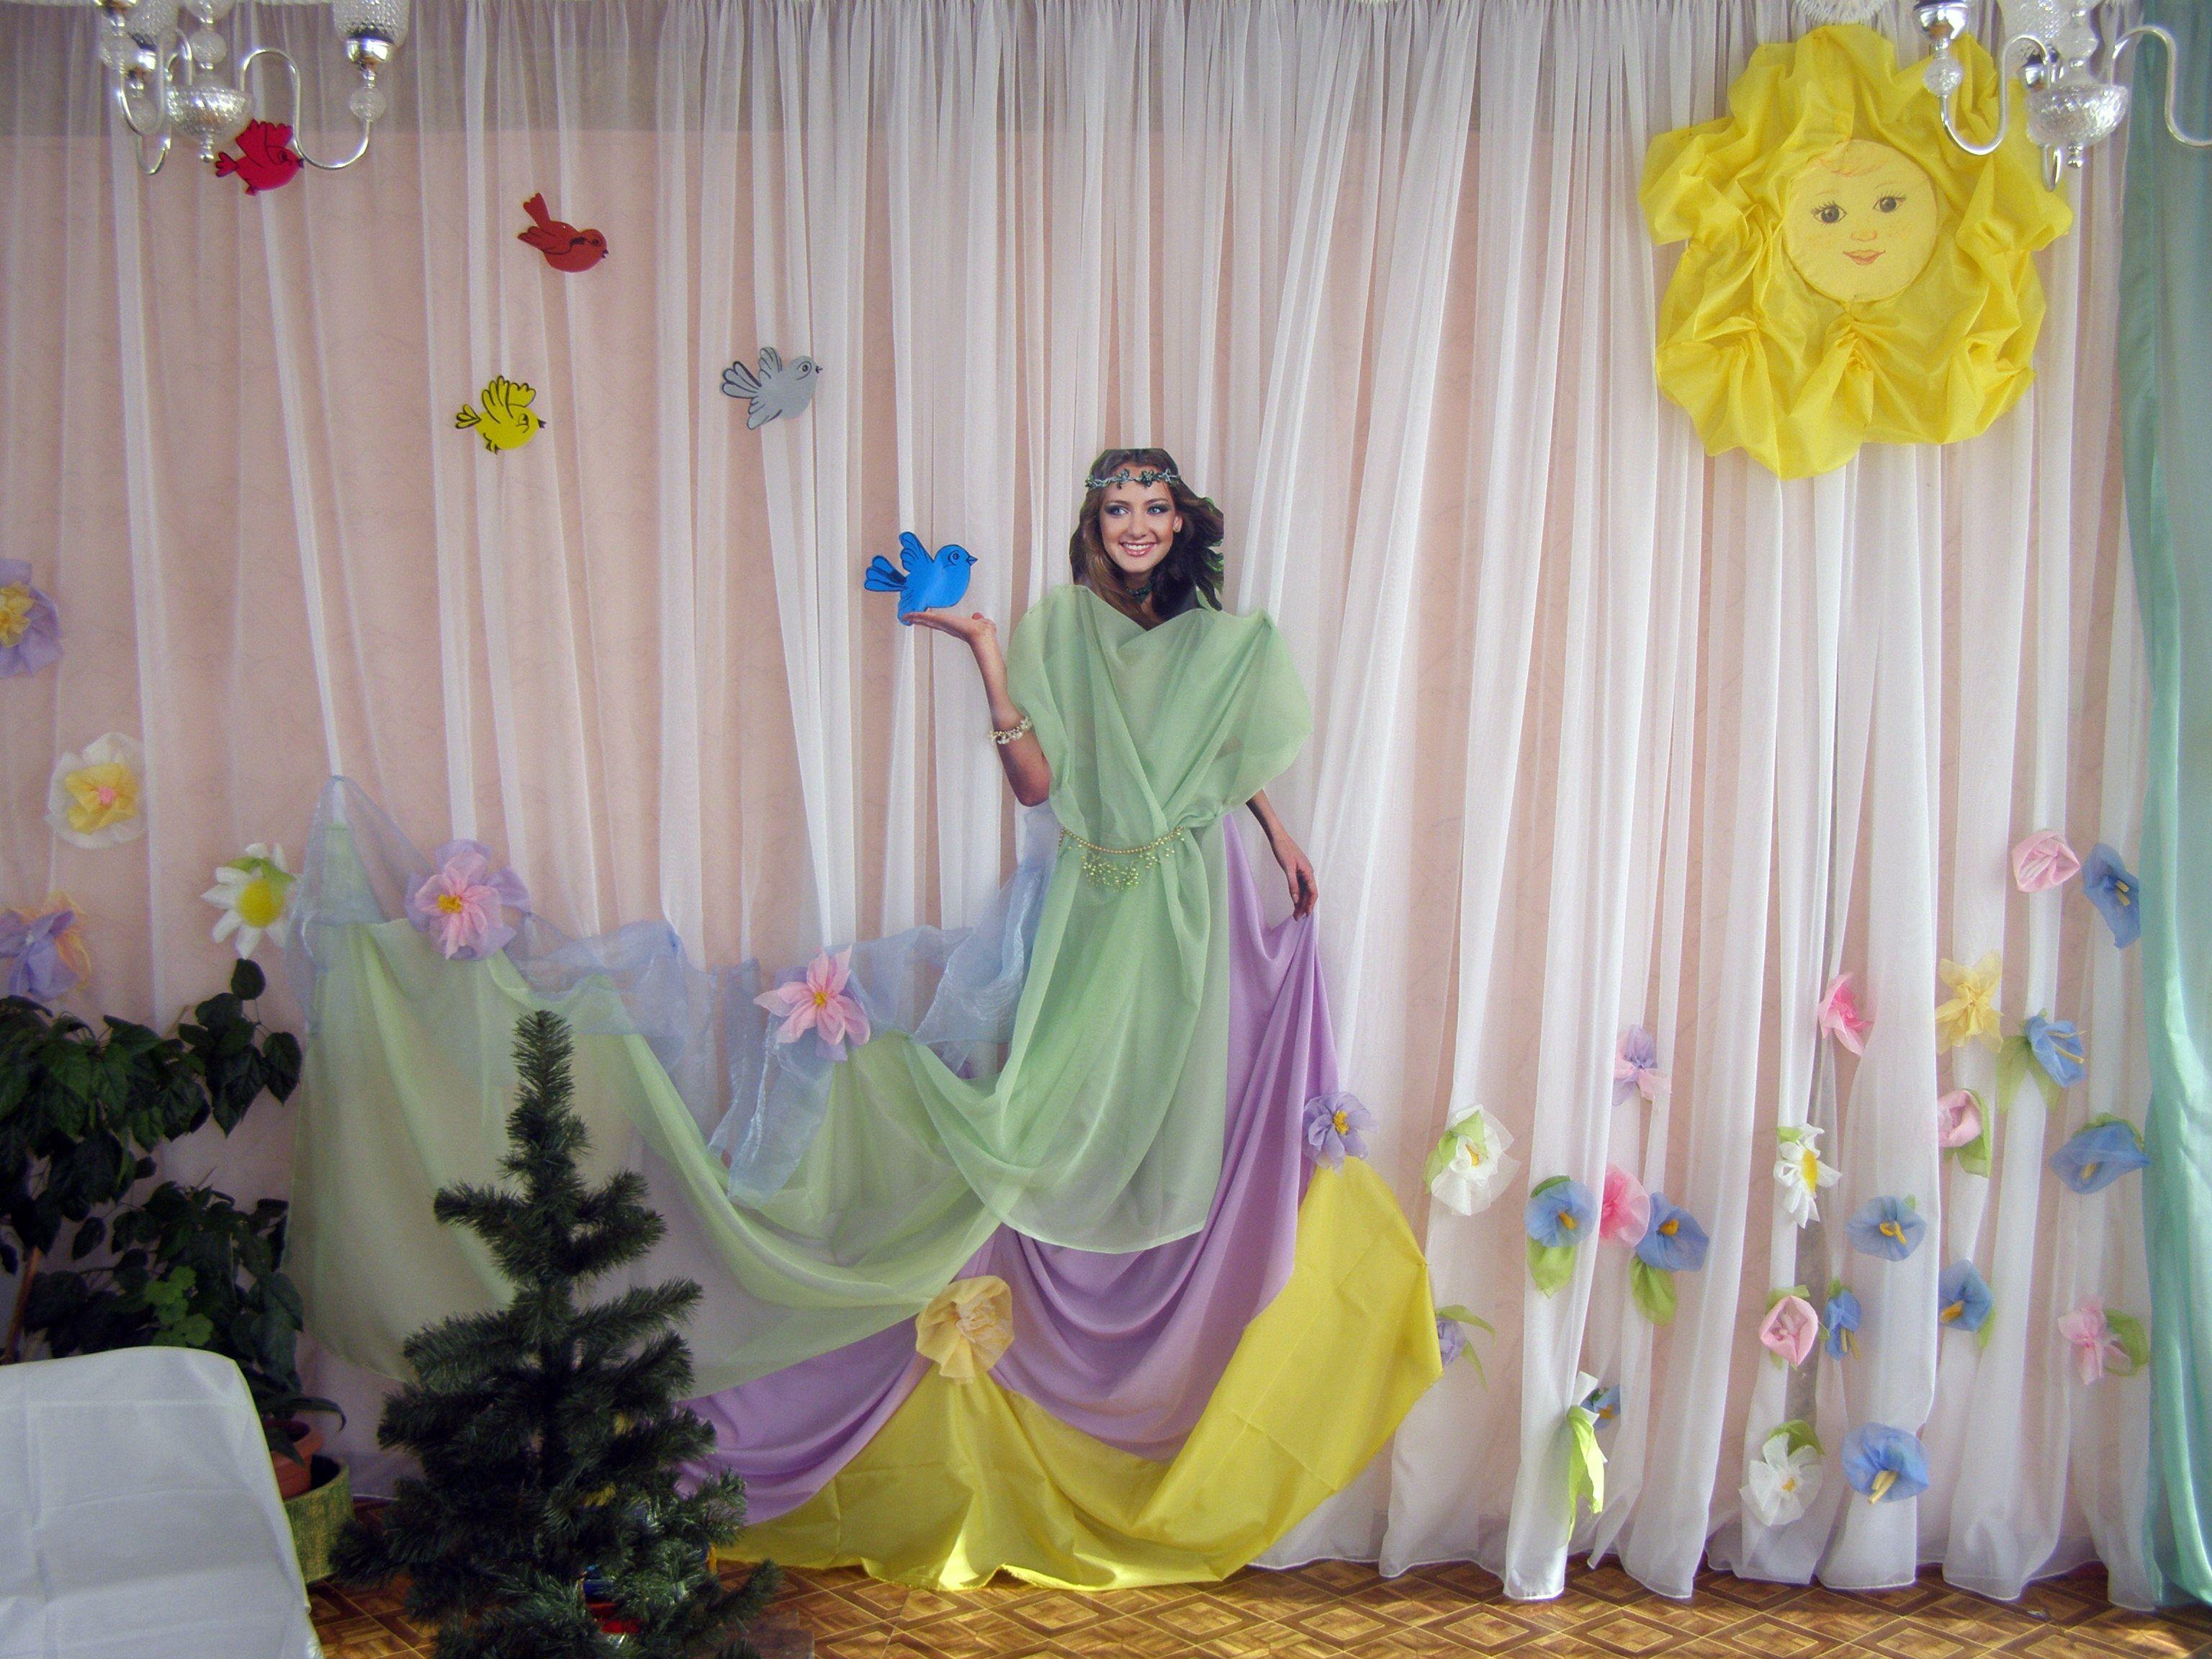 Как украсить зал на 8 марта в школе своими руками фото